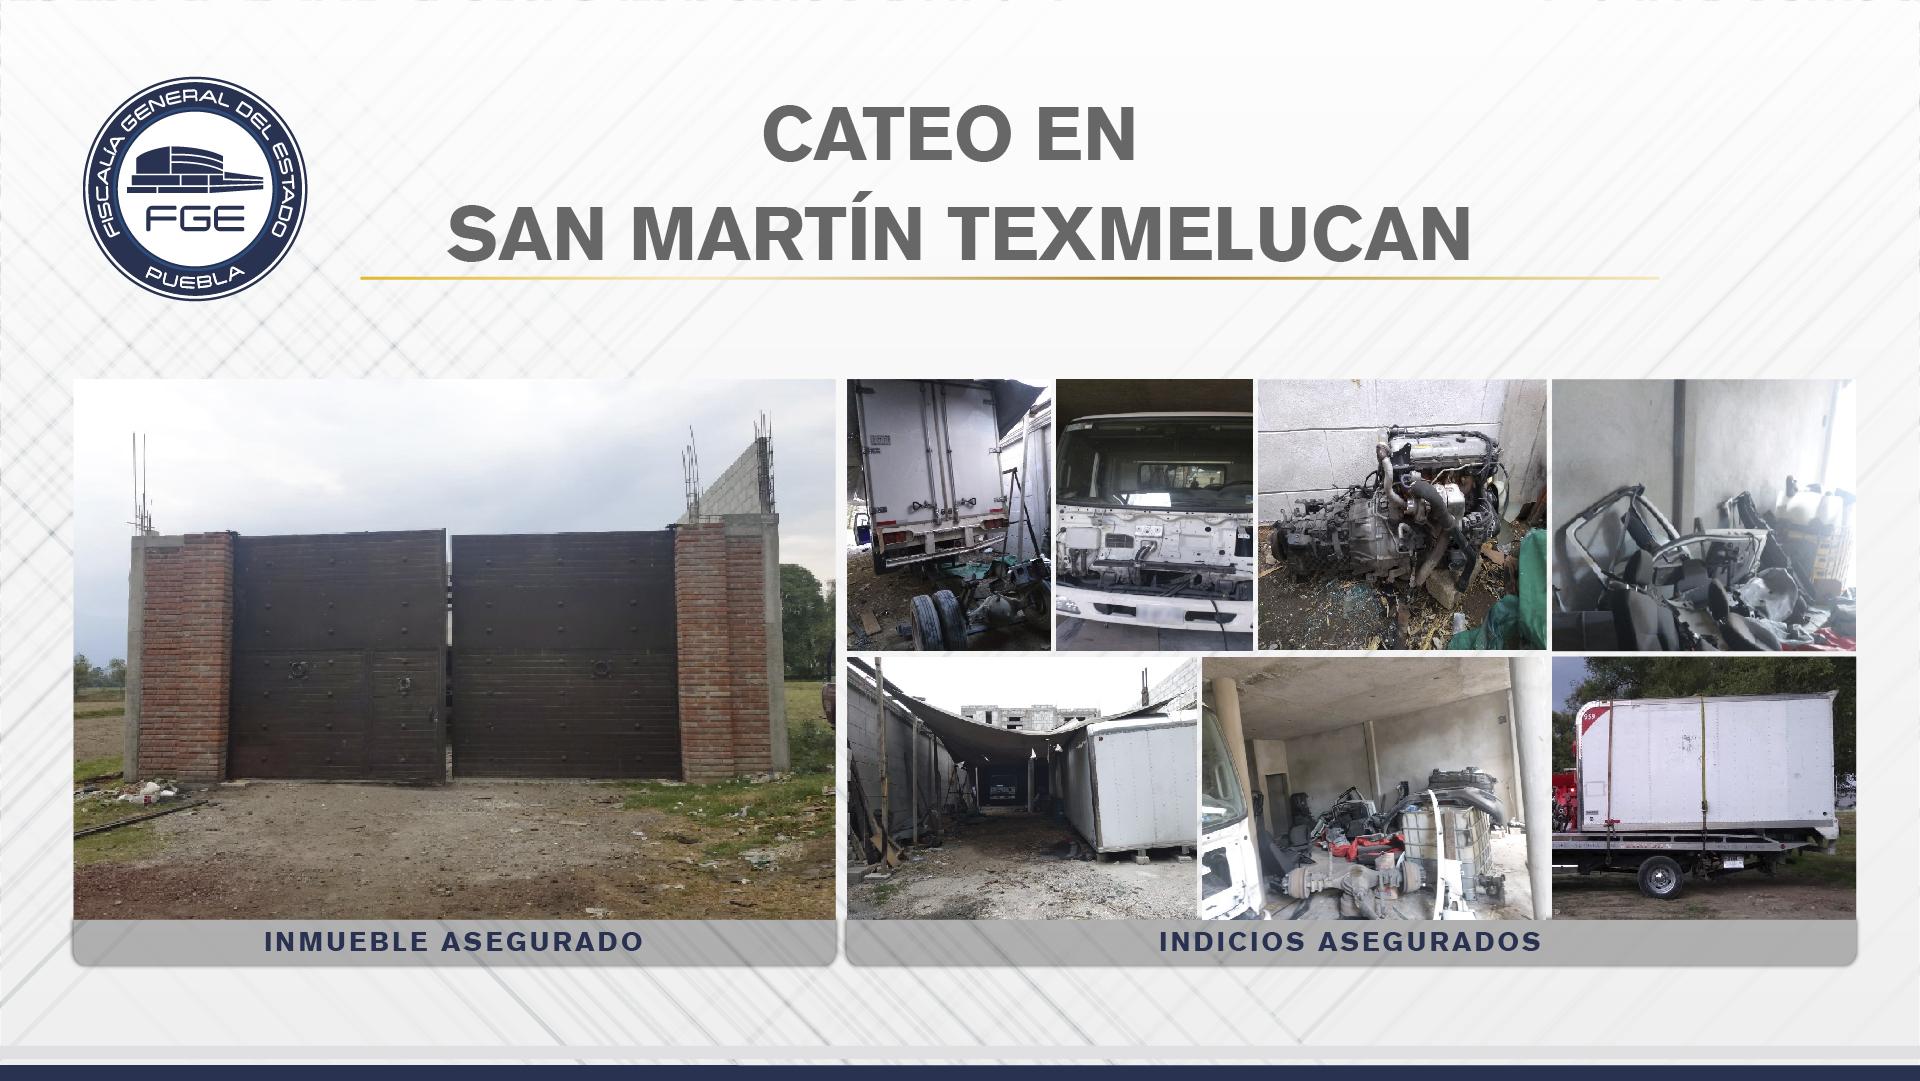 En San Martín, Fiscalía cateó inmueble con autopartes robadas